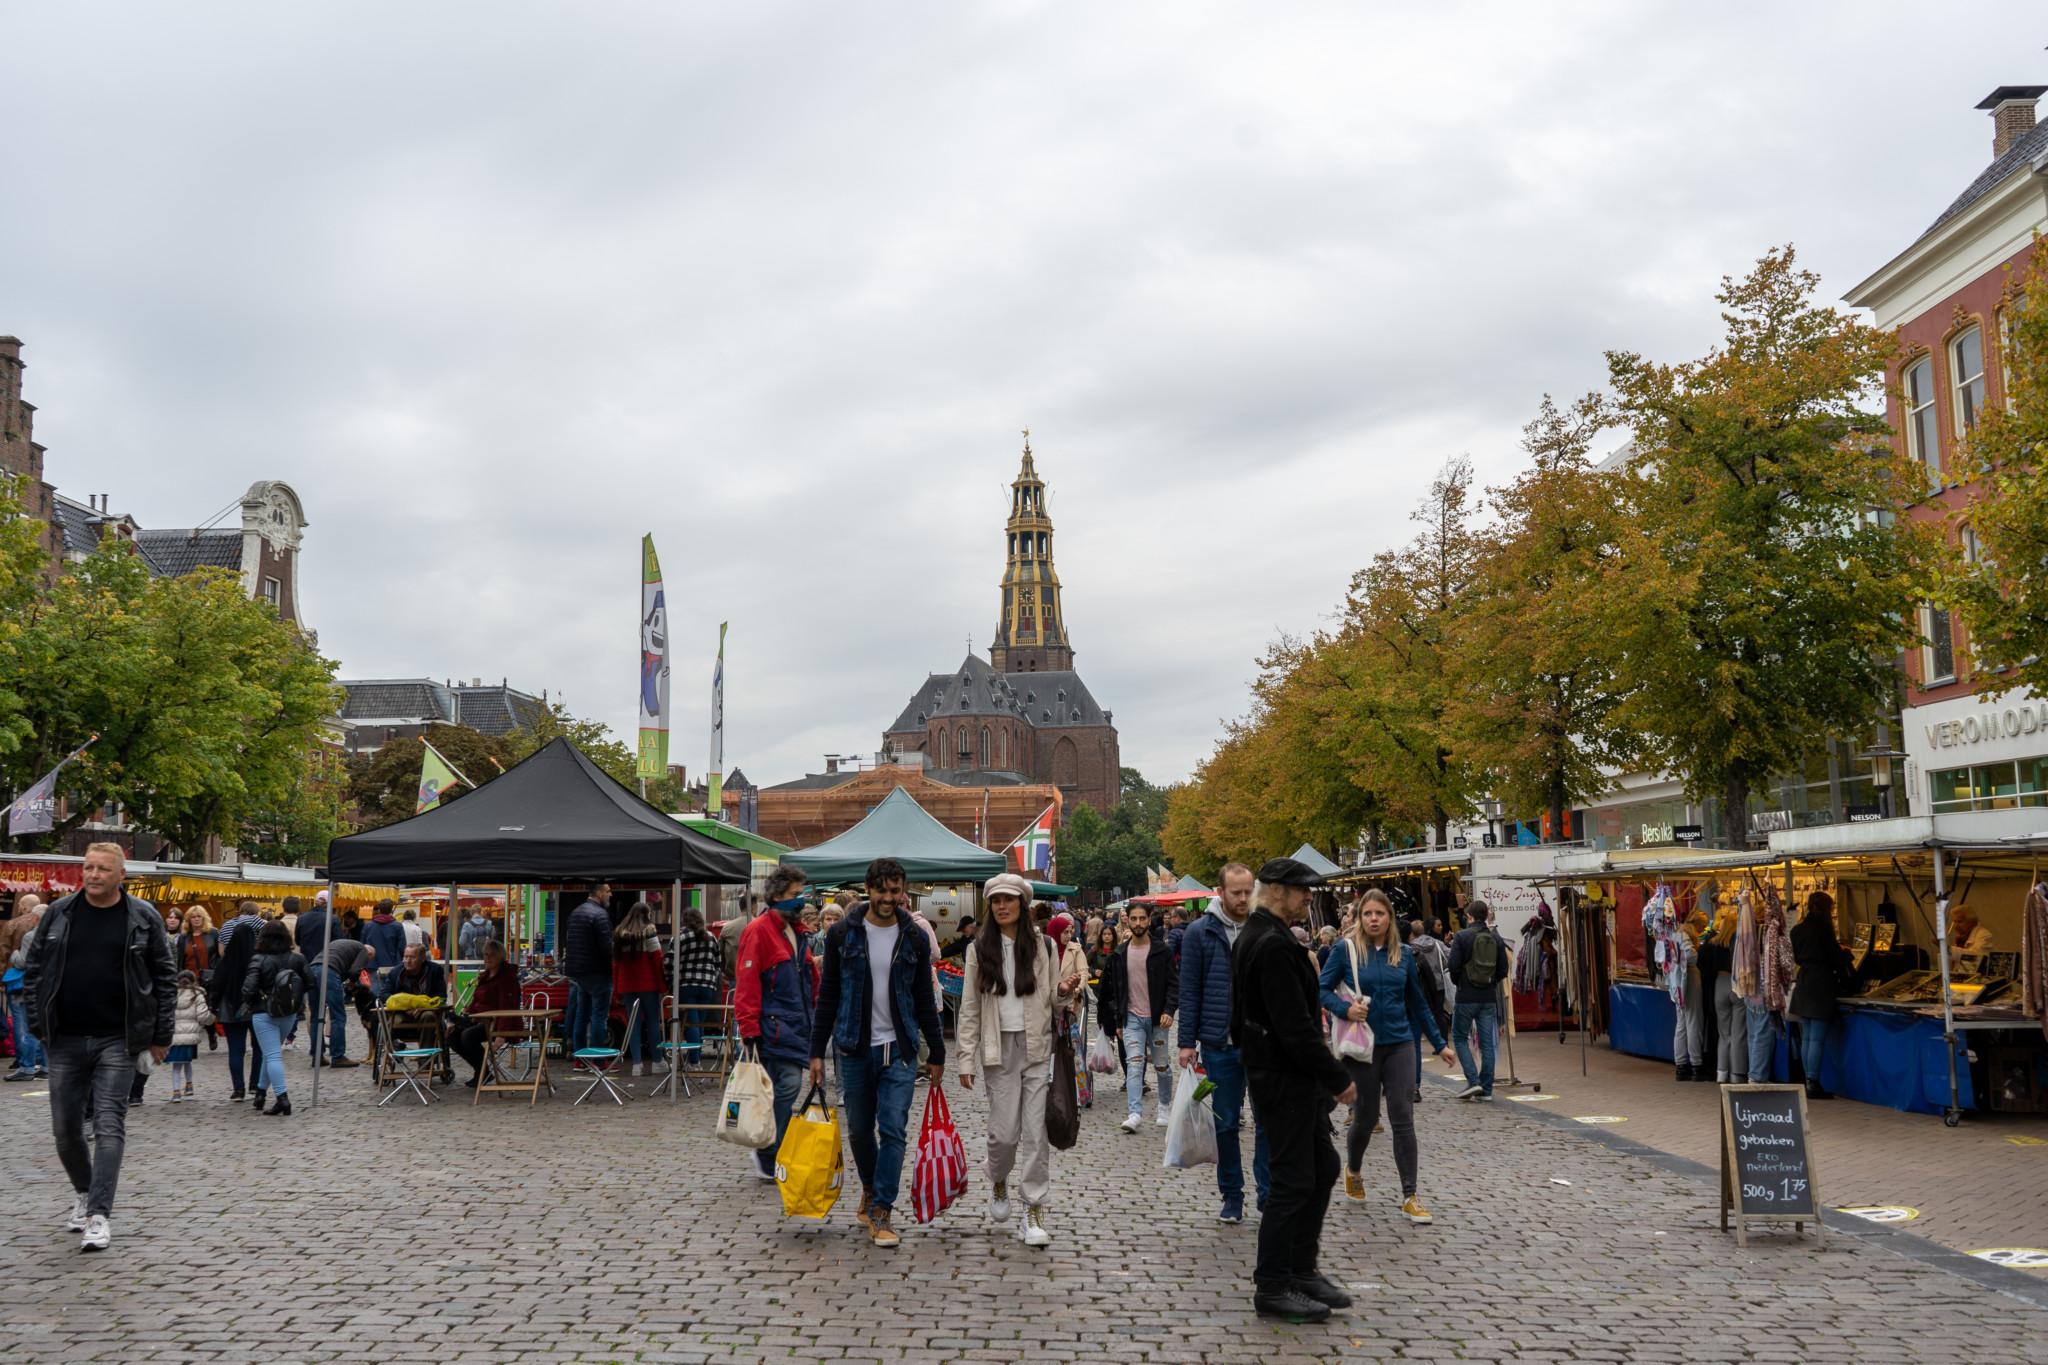 Markt auf dem Grote Markt in Groningen